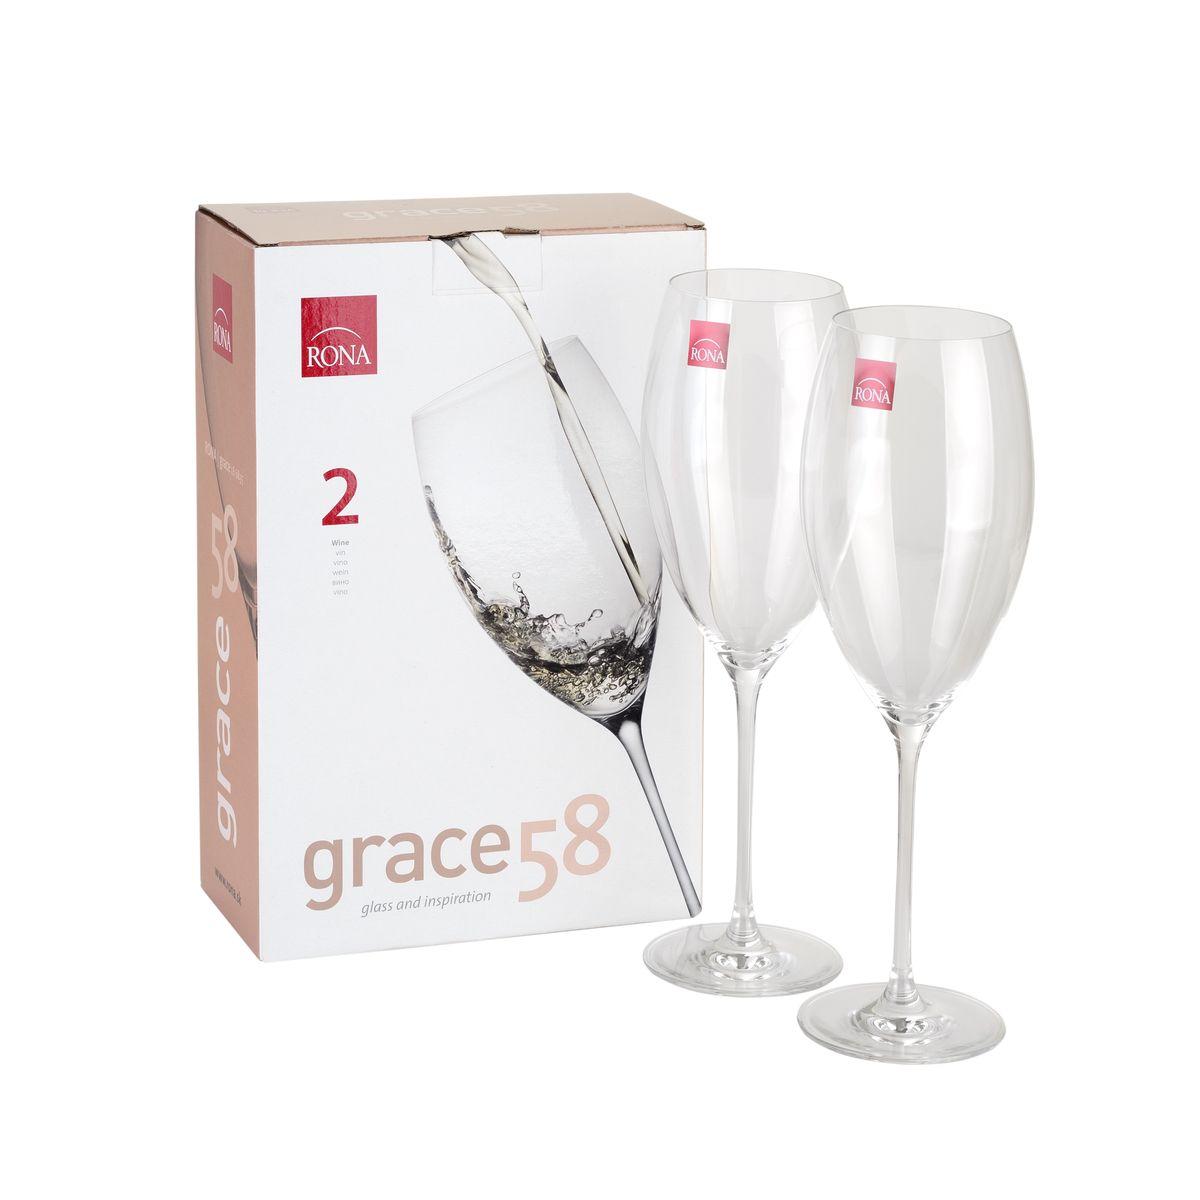 Бокал для вина упаковка 2 шт.Grace 580 мл. 6835/0/580VT-1520(SR)Бокал для вина упаковка 2 шт. GRACE 580 мл.6835/0/580